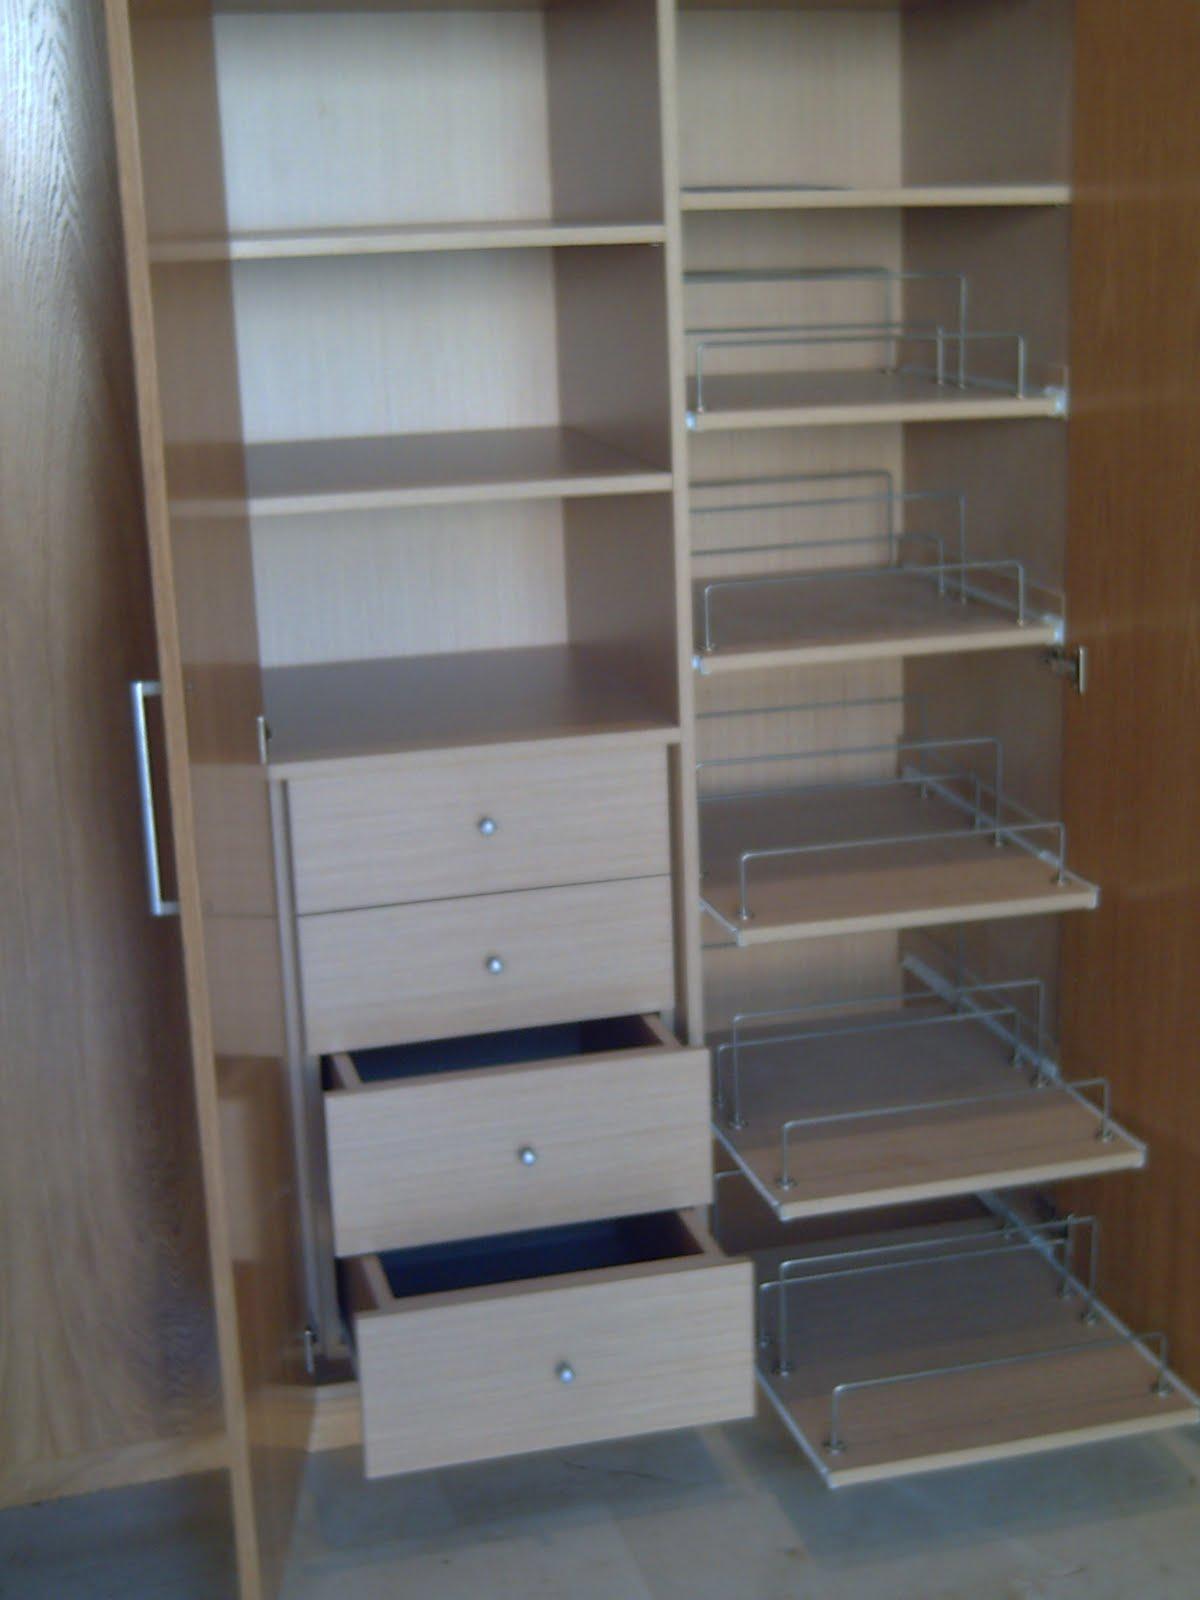 Ca uelo e hijos carpinteria s c p muebles y armarios - Distribuciones de armarios empotrados ...